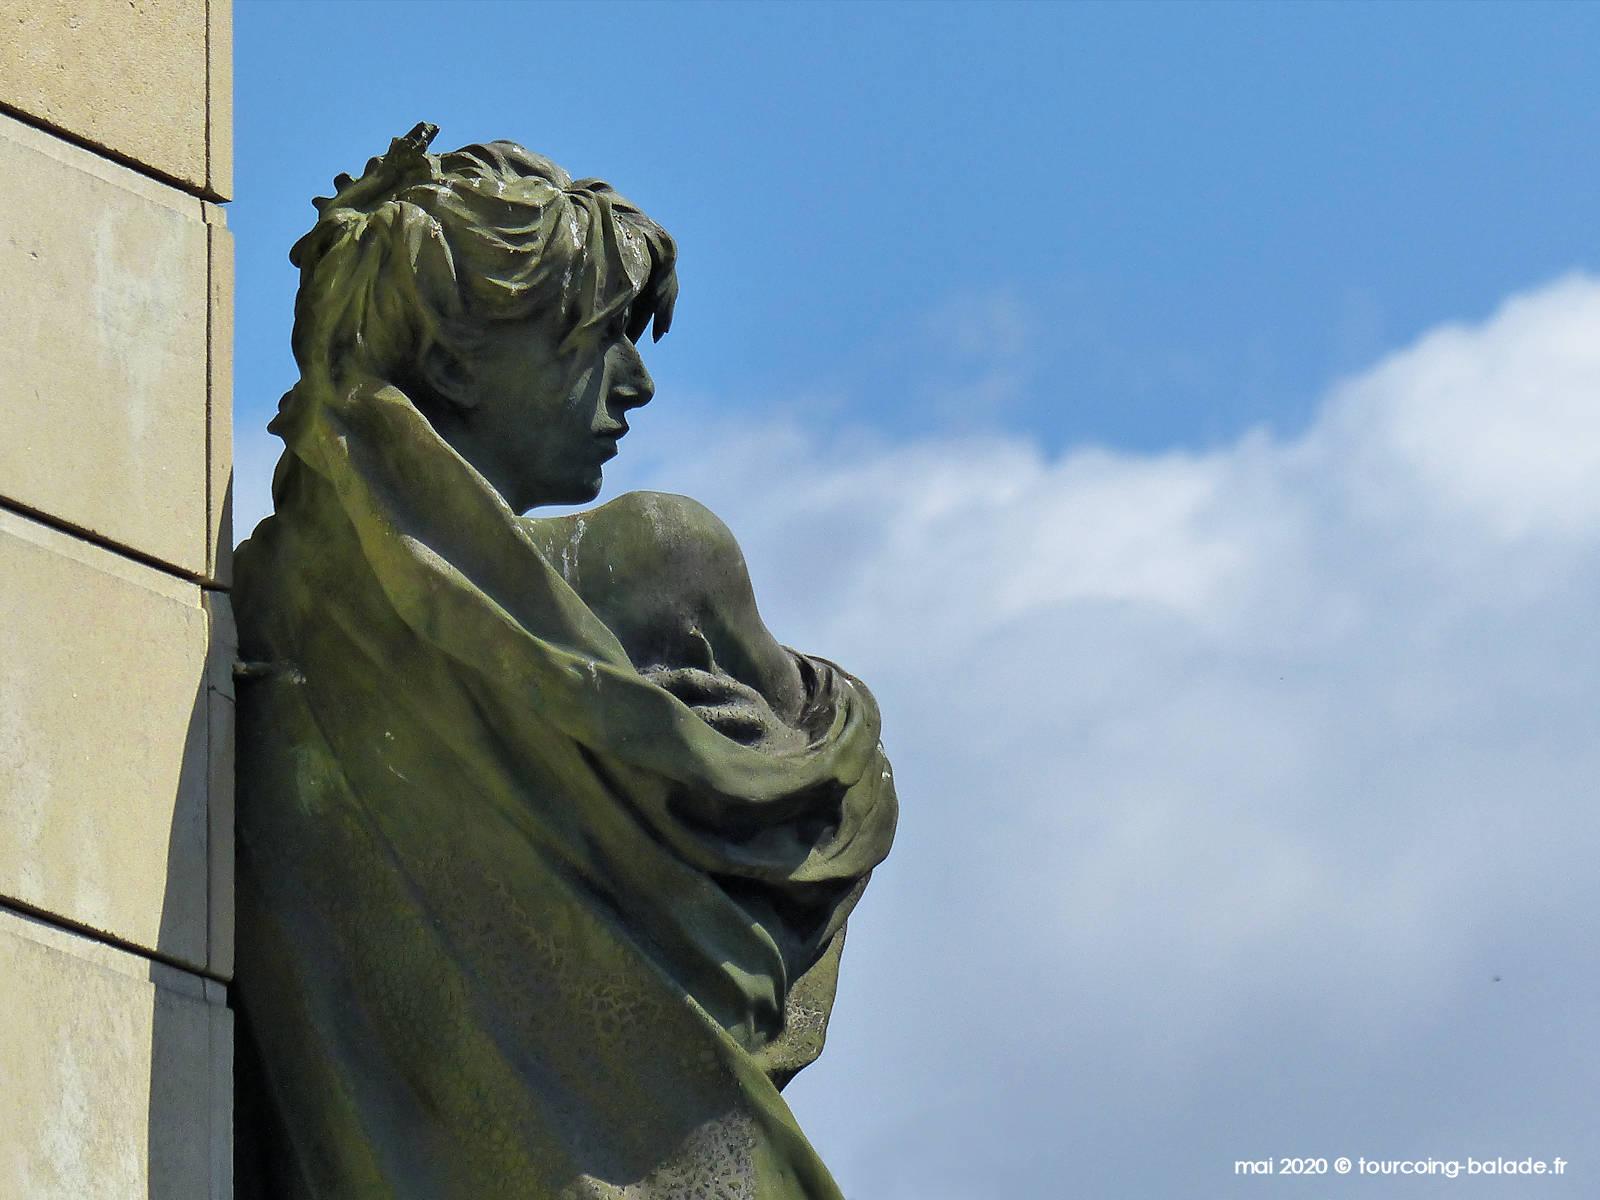 Statue de Rose Valland, Marcq-en-Baroeul, 2020